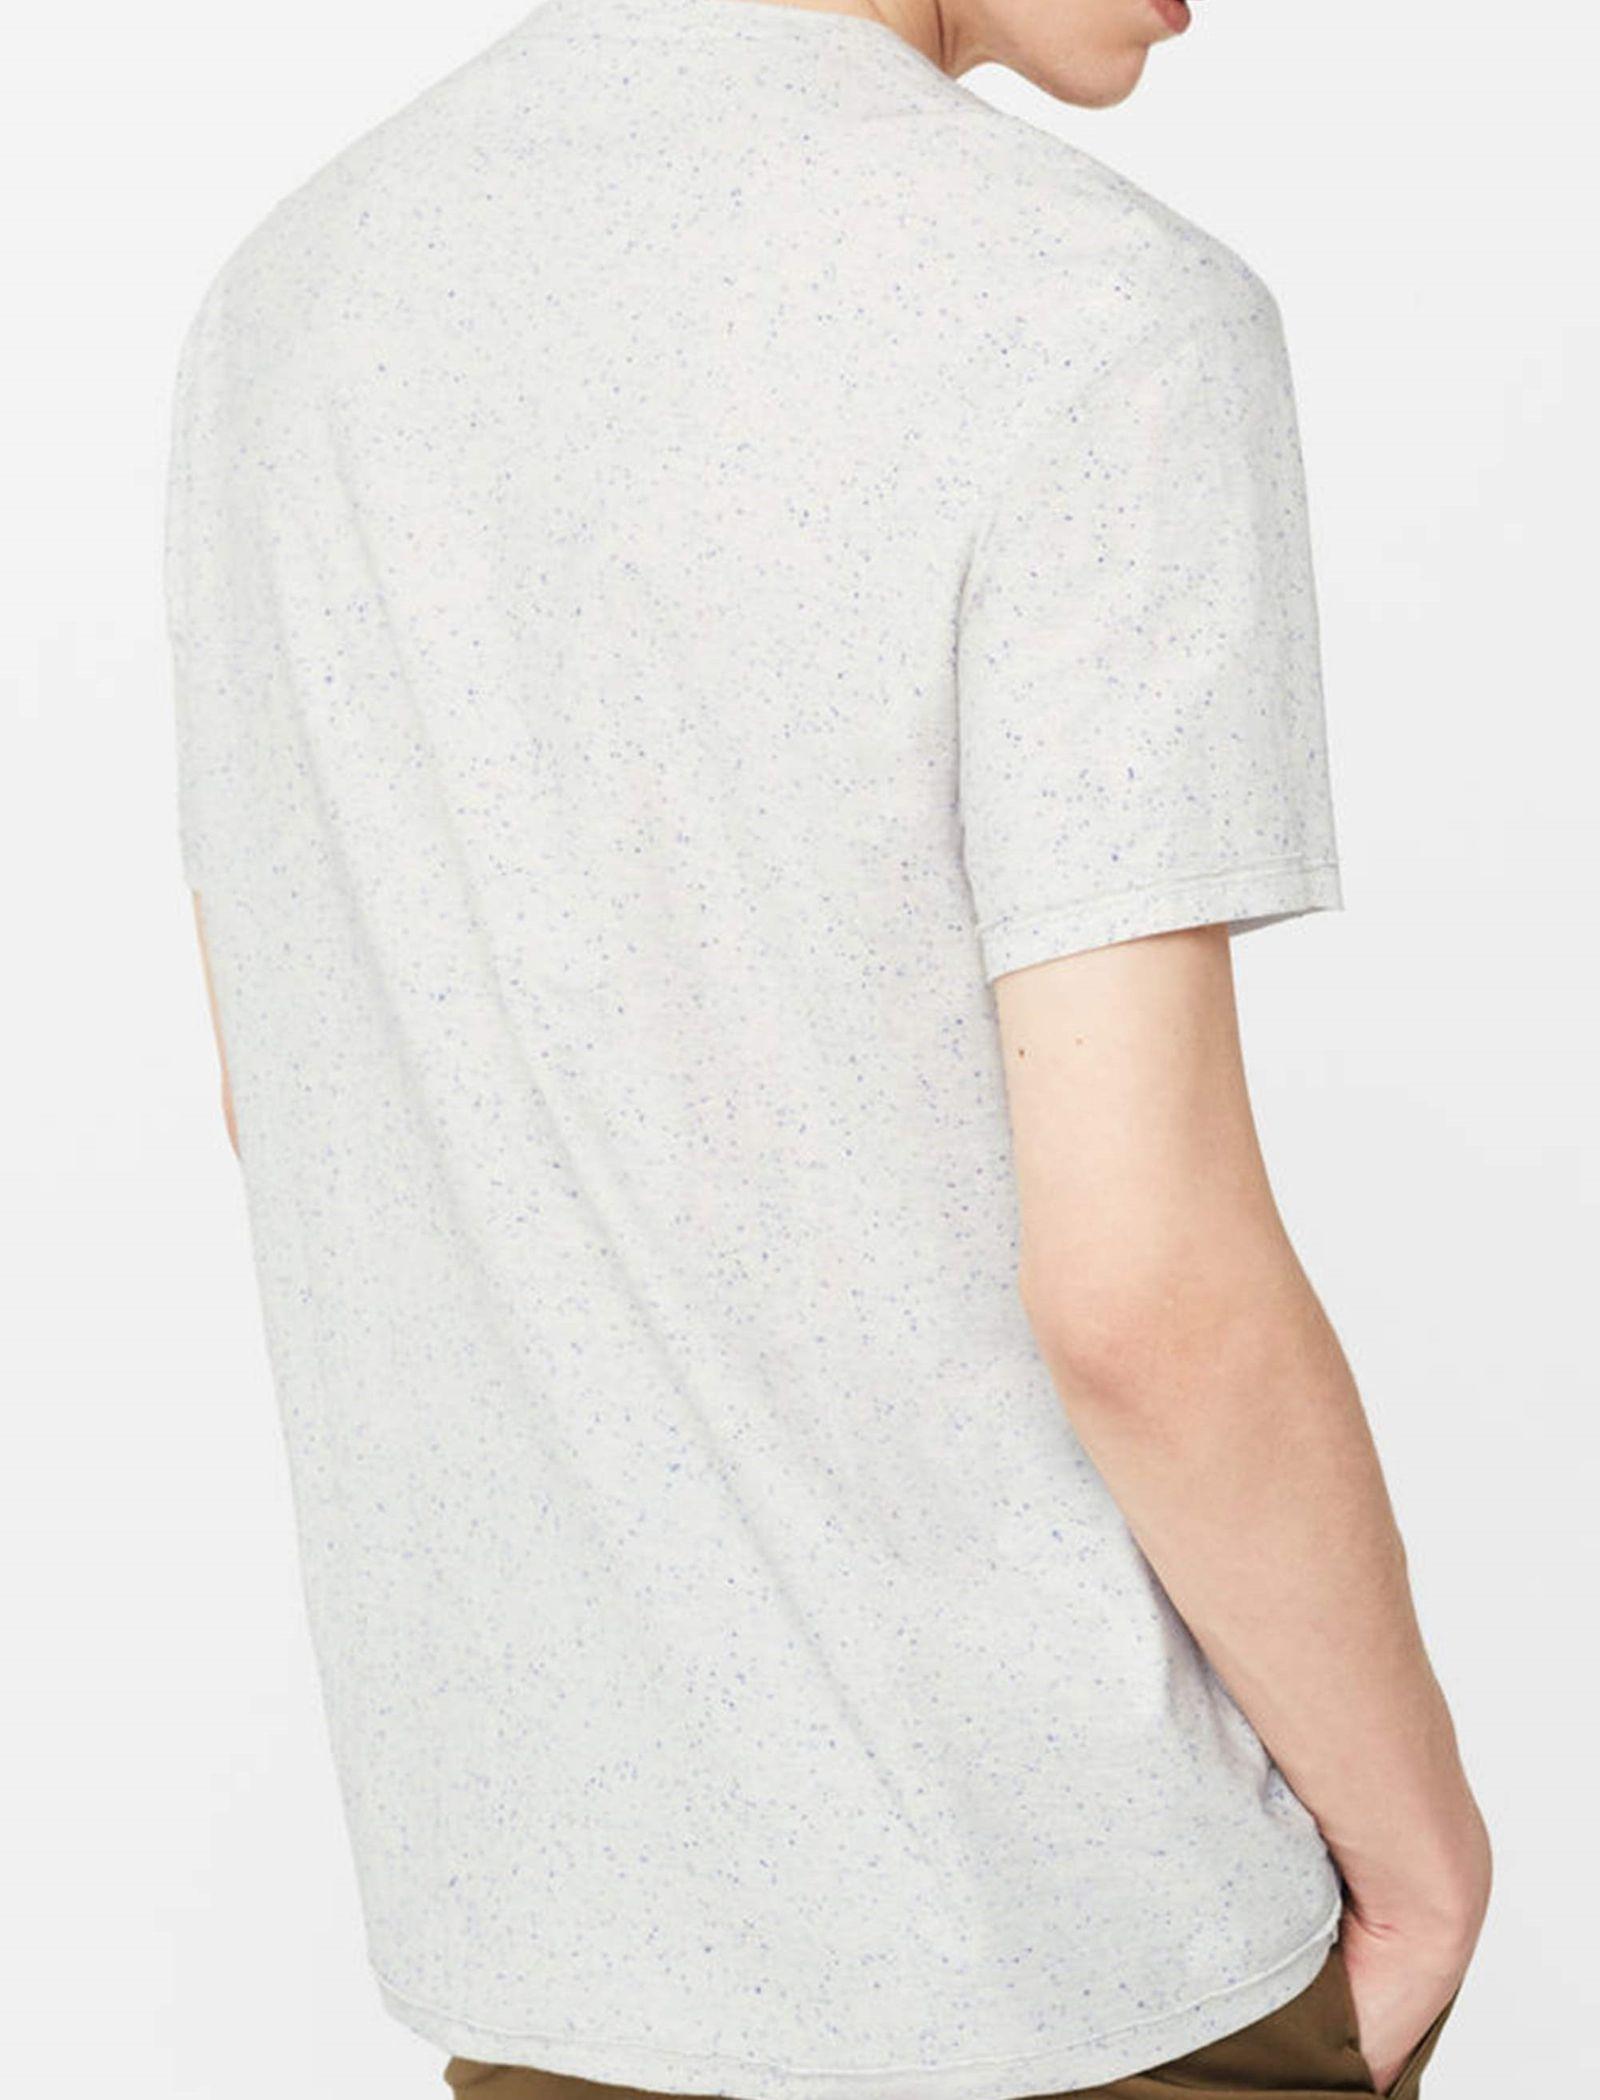 تی شرت نخی آستین کوتاه مردانه - مانگو - سفيد     - 4